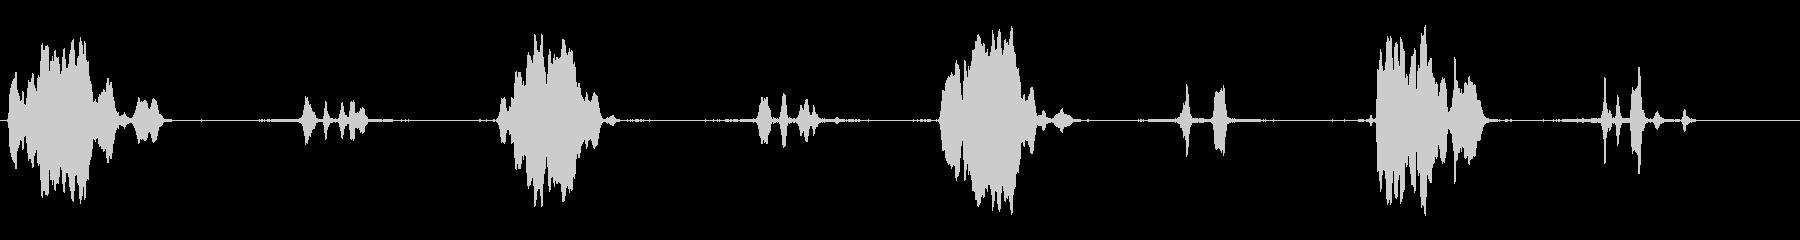 ポーチスイングキーキーイング(遅い)の未再生の波形